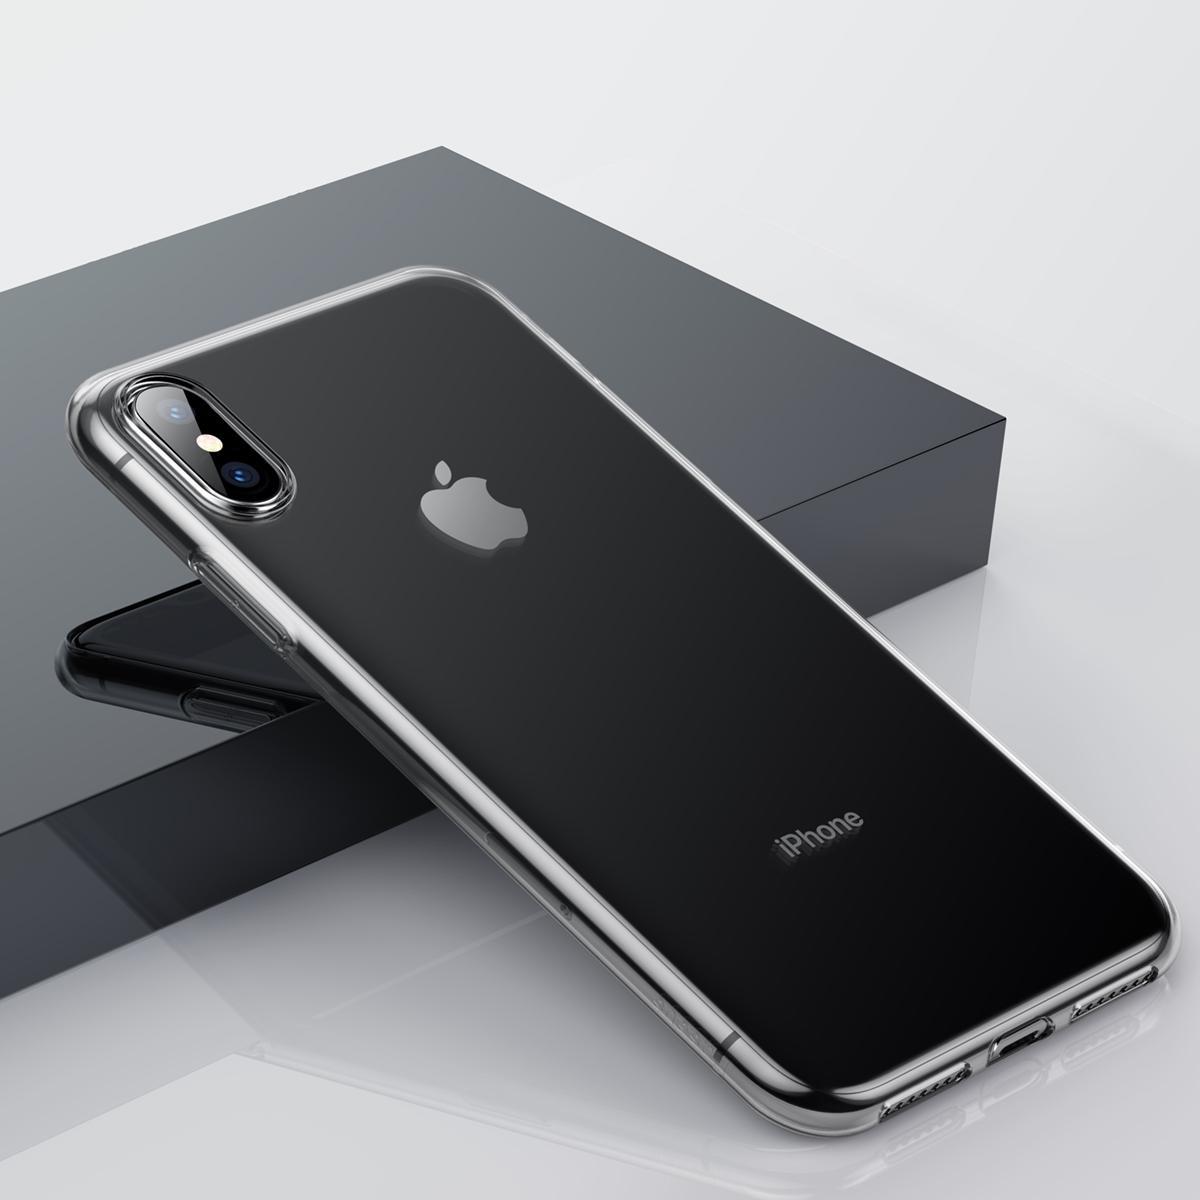 Baseus Simplicity Series iPhone XS Max tok